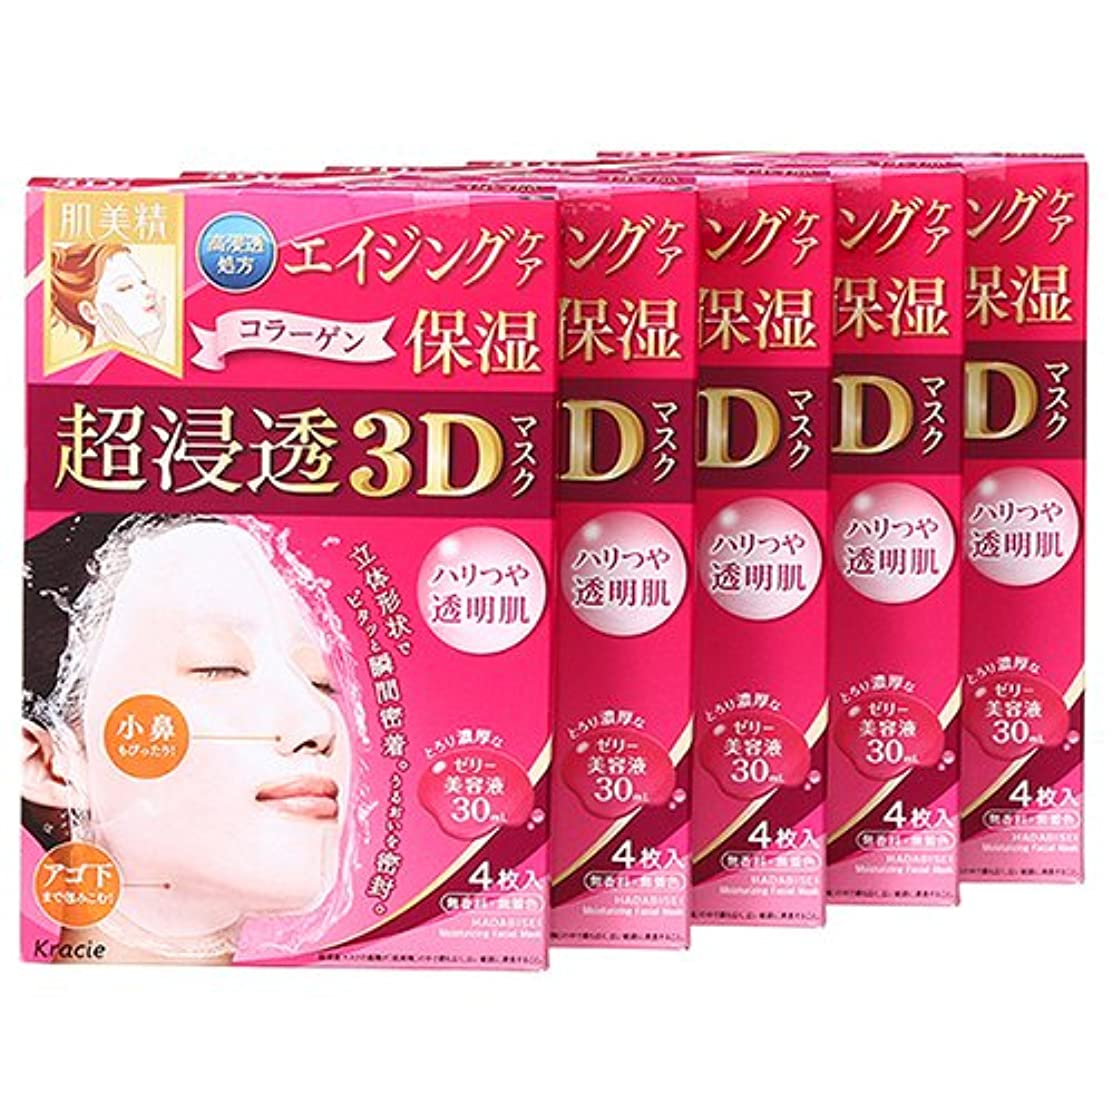 リンケージレンディション使用法クラシエホームプロダクツ 肌美精 超浸透3Dマスク エイジングケア(保湿) 4枚入 (美容液30mL/1枚) 5点セット [並行輸入品]